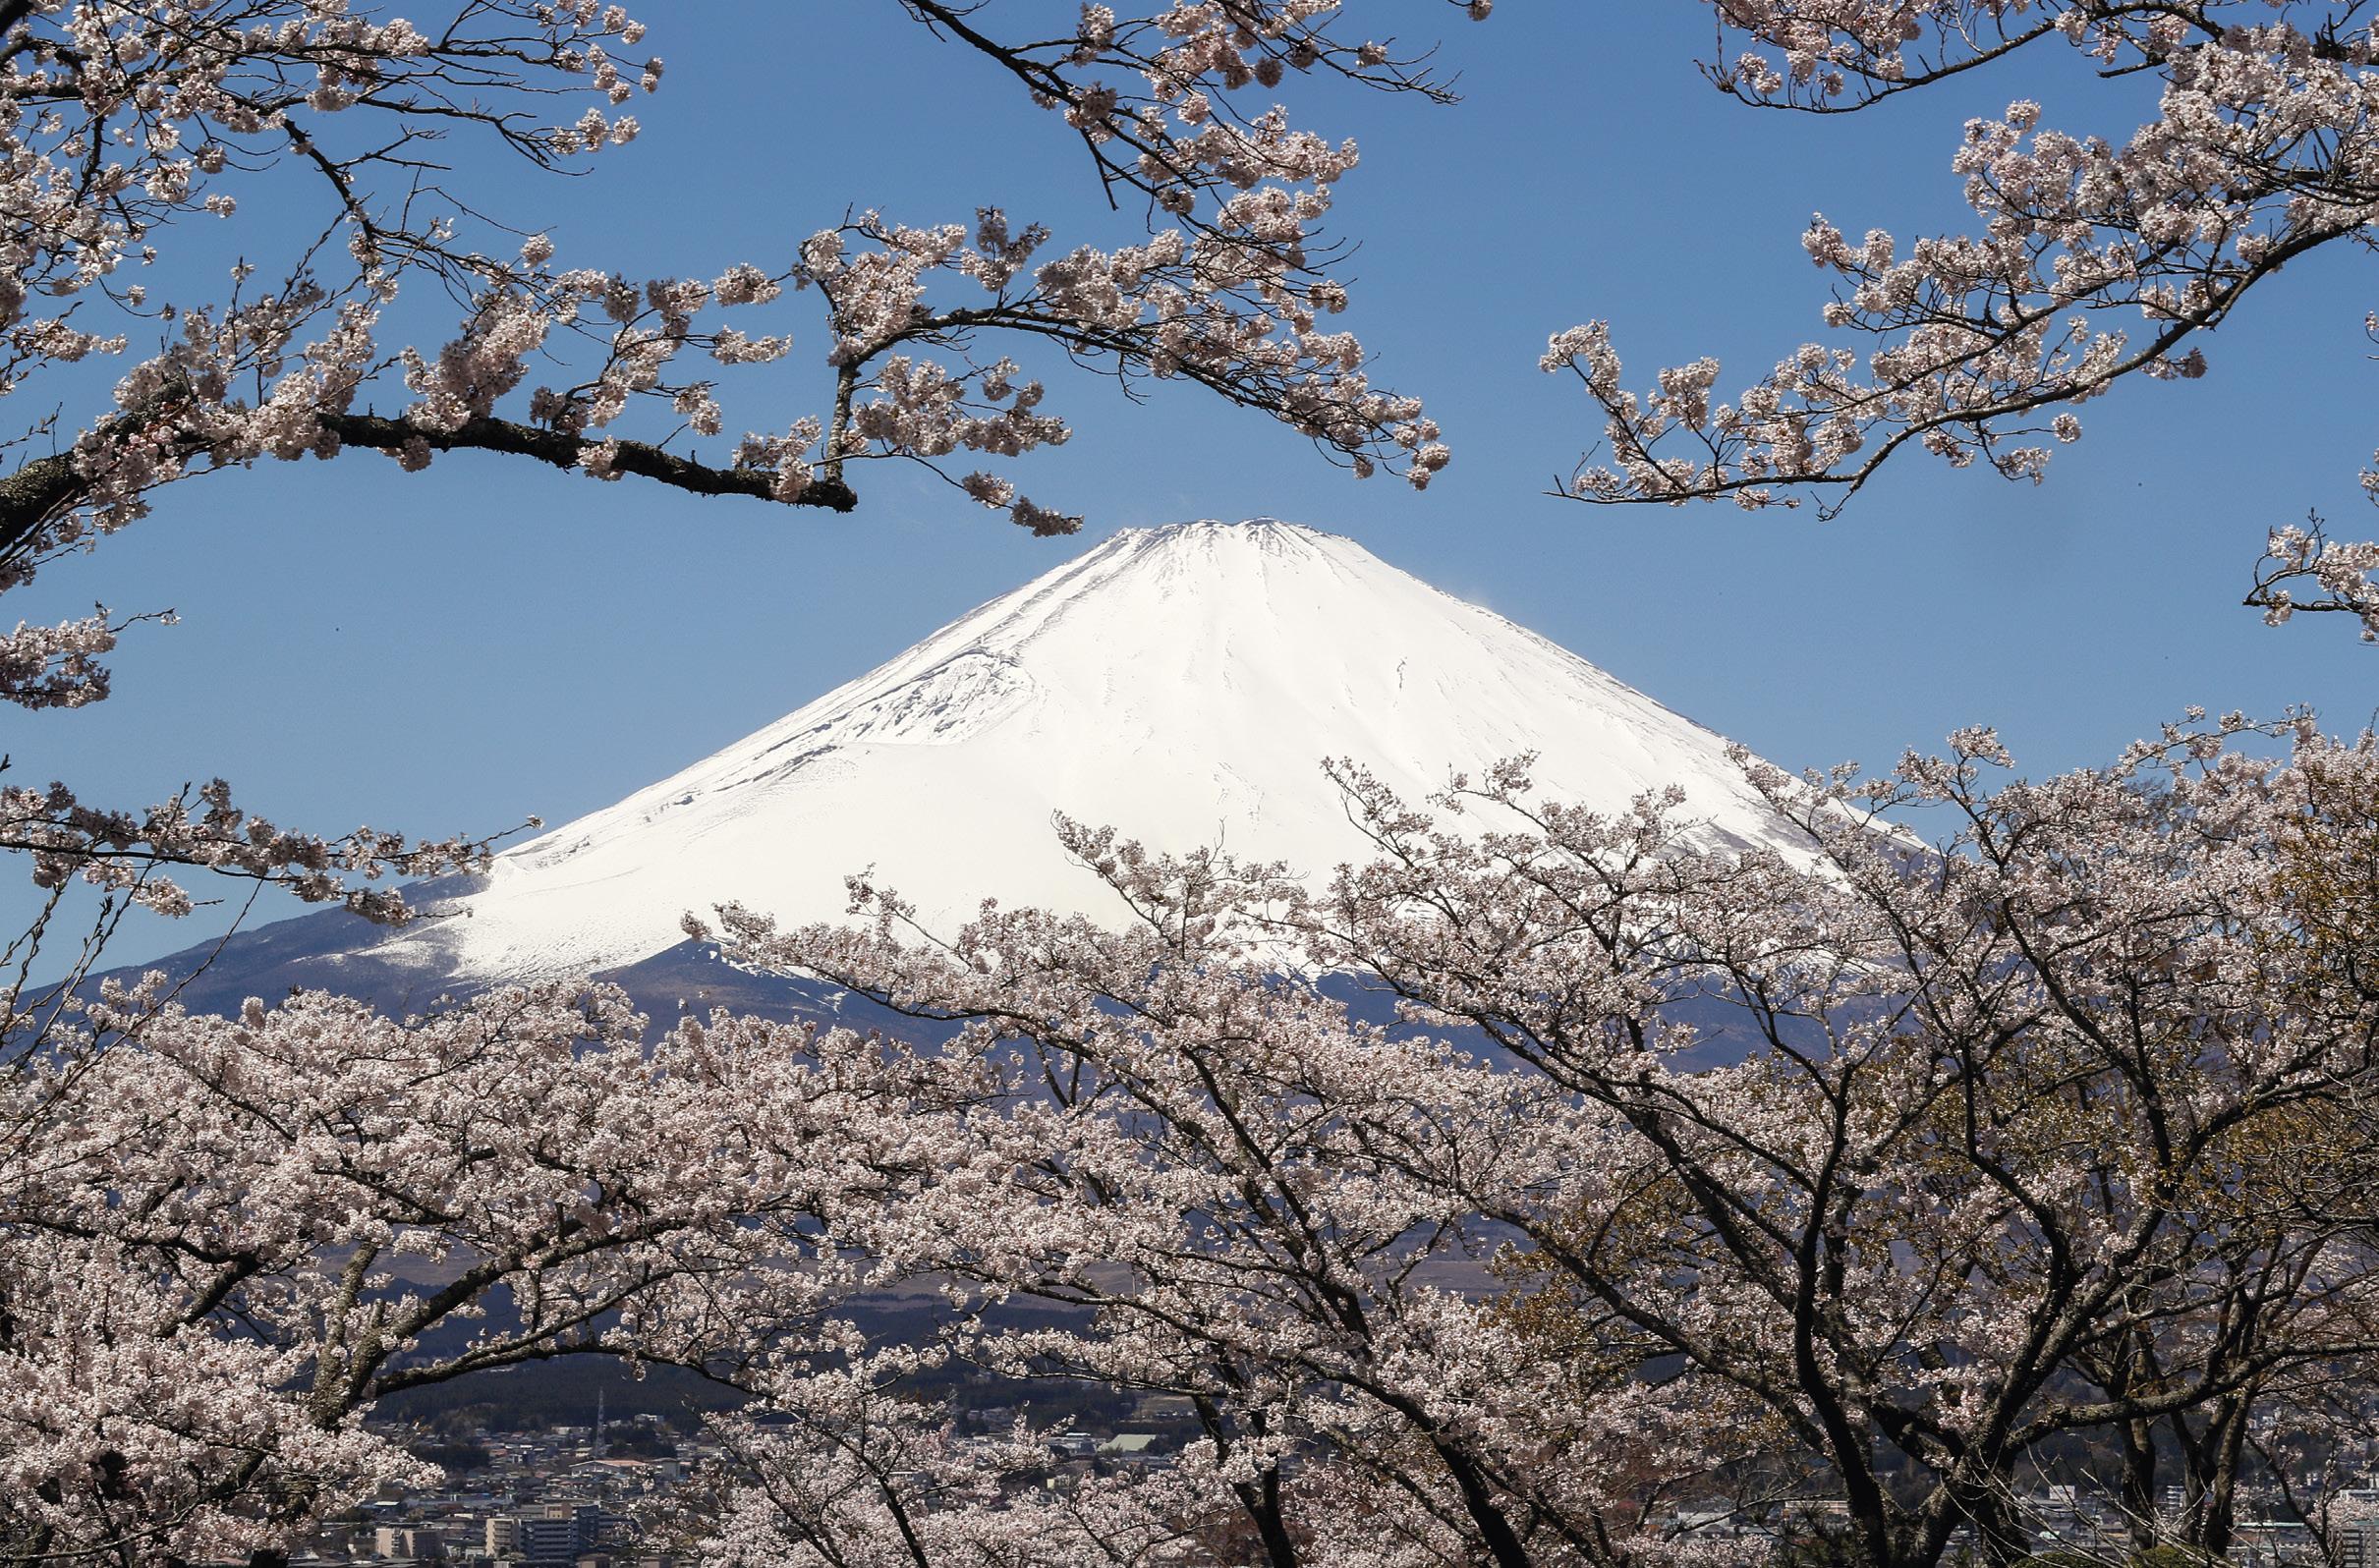 Flores de cerejeira em plena floração. Ao fundo o Monte Fugi, o pico mais alto do Japão. Abril 2019. EPA/KIMIMASA MAYAMA.